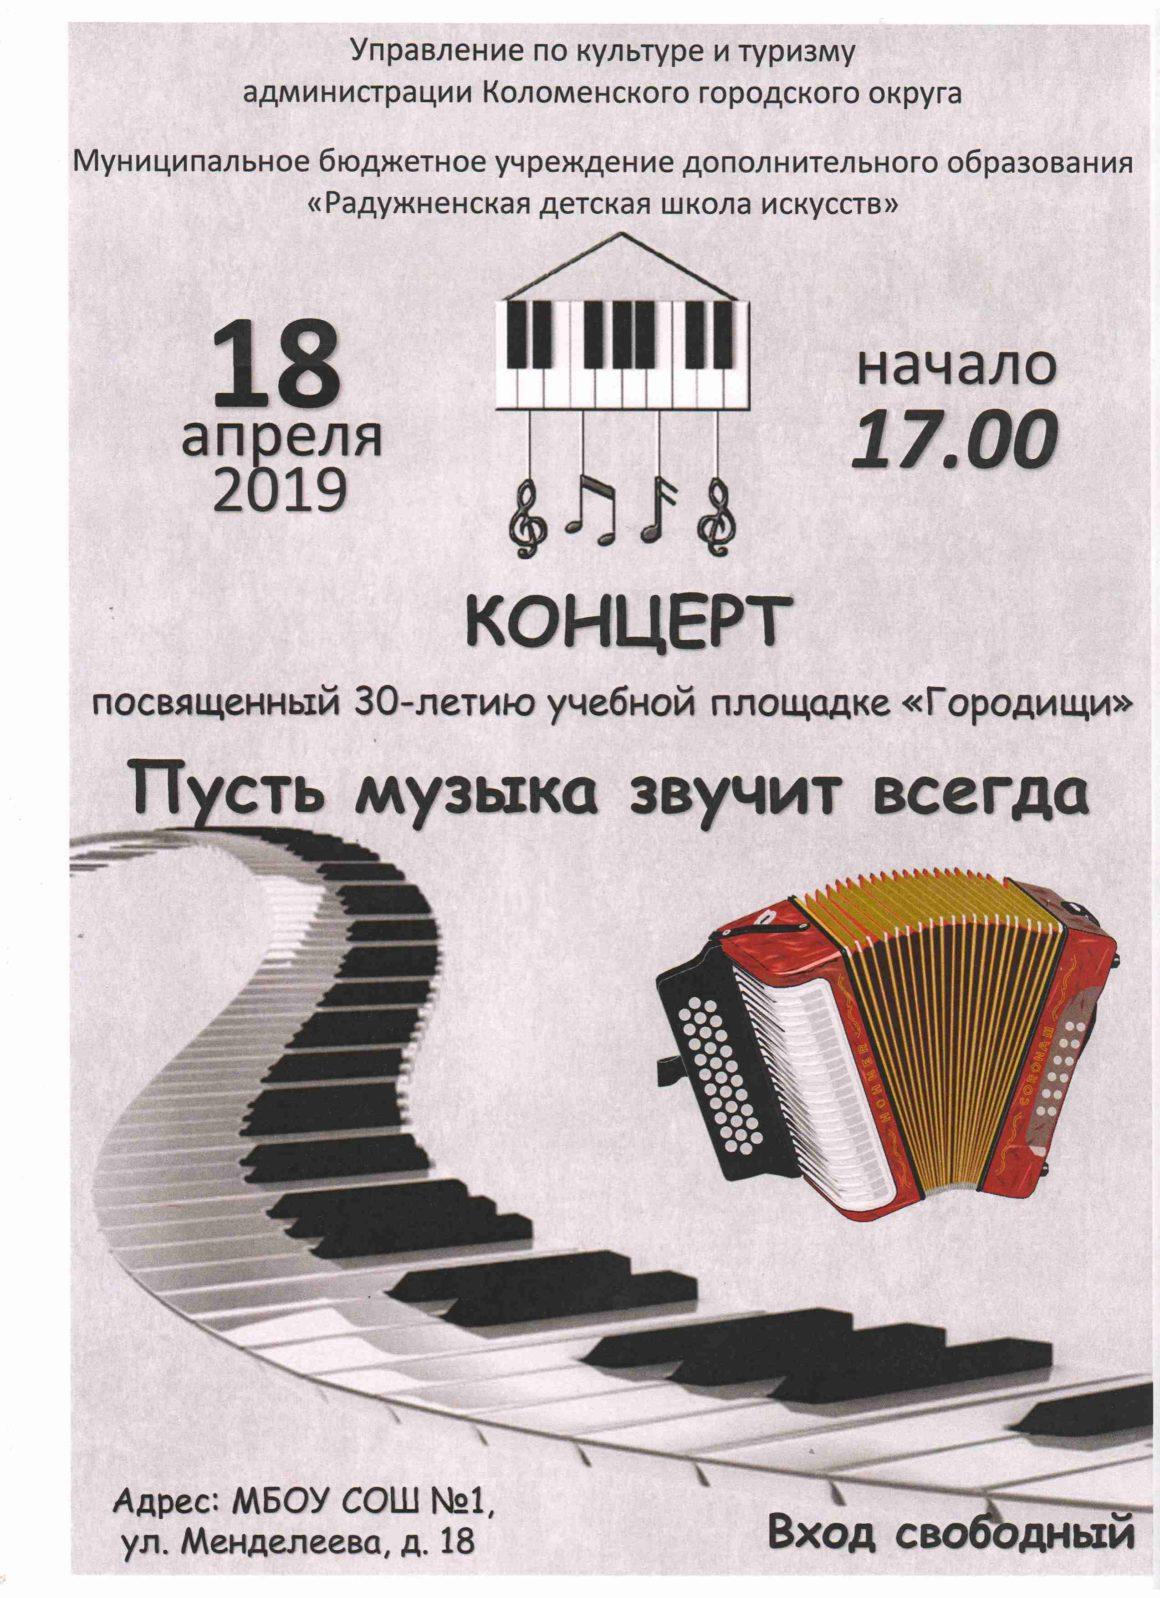 Концерт «Пусть музыка звучит всегда»